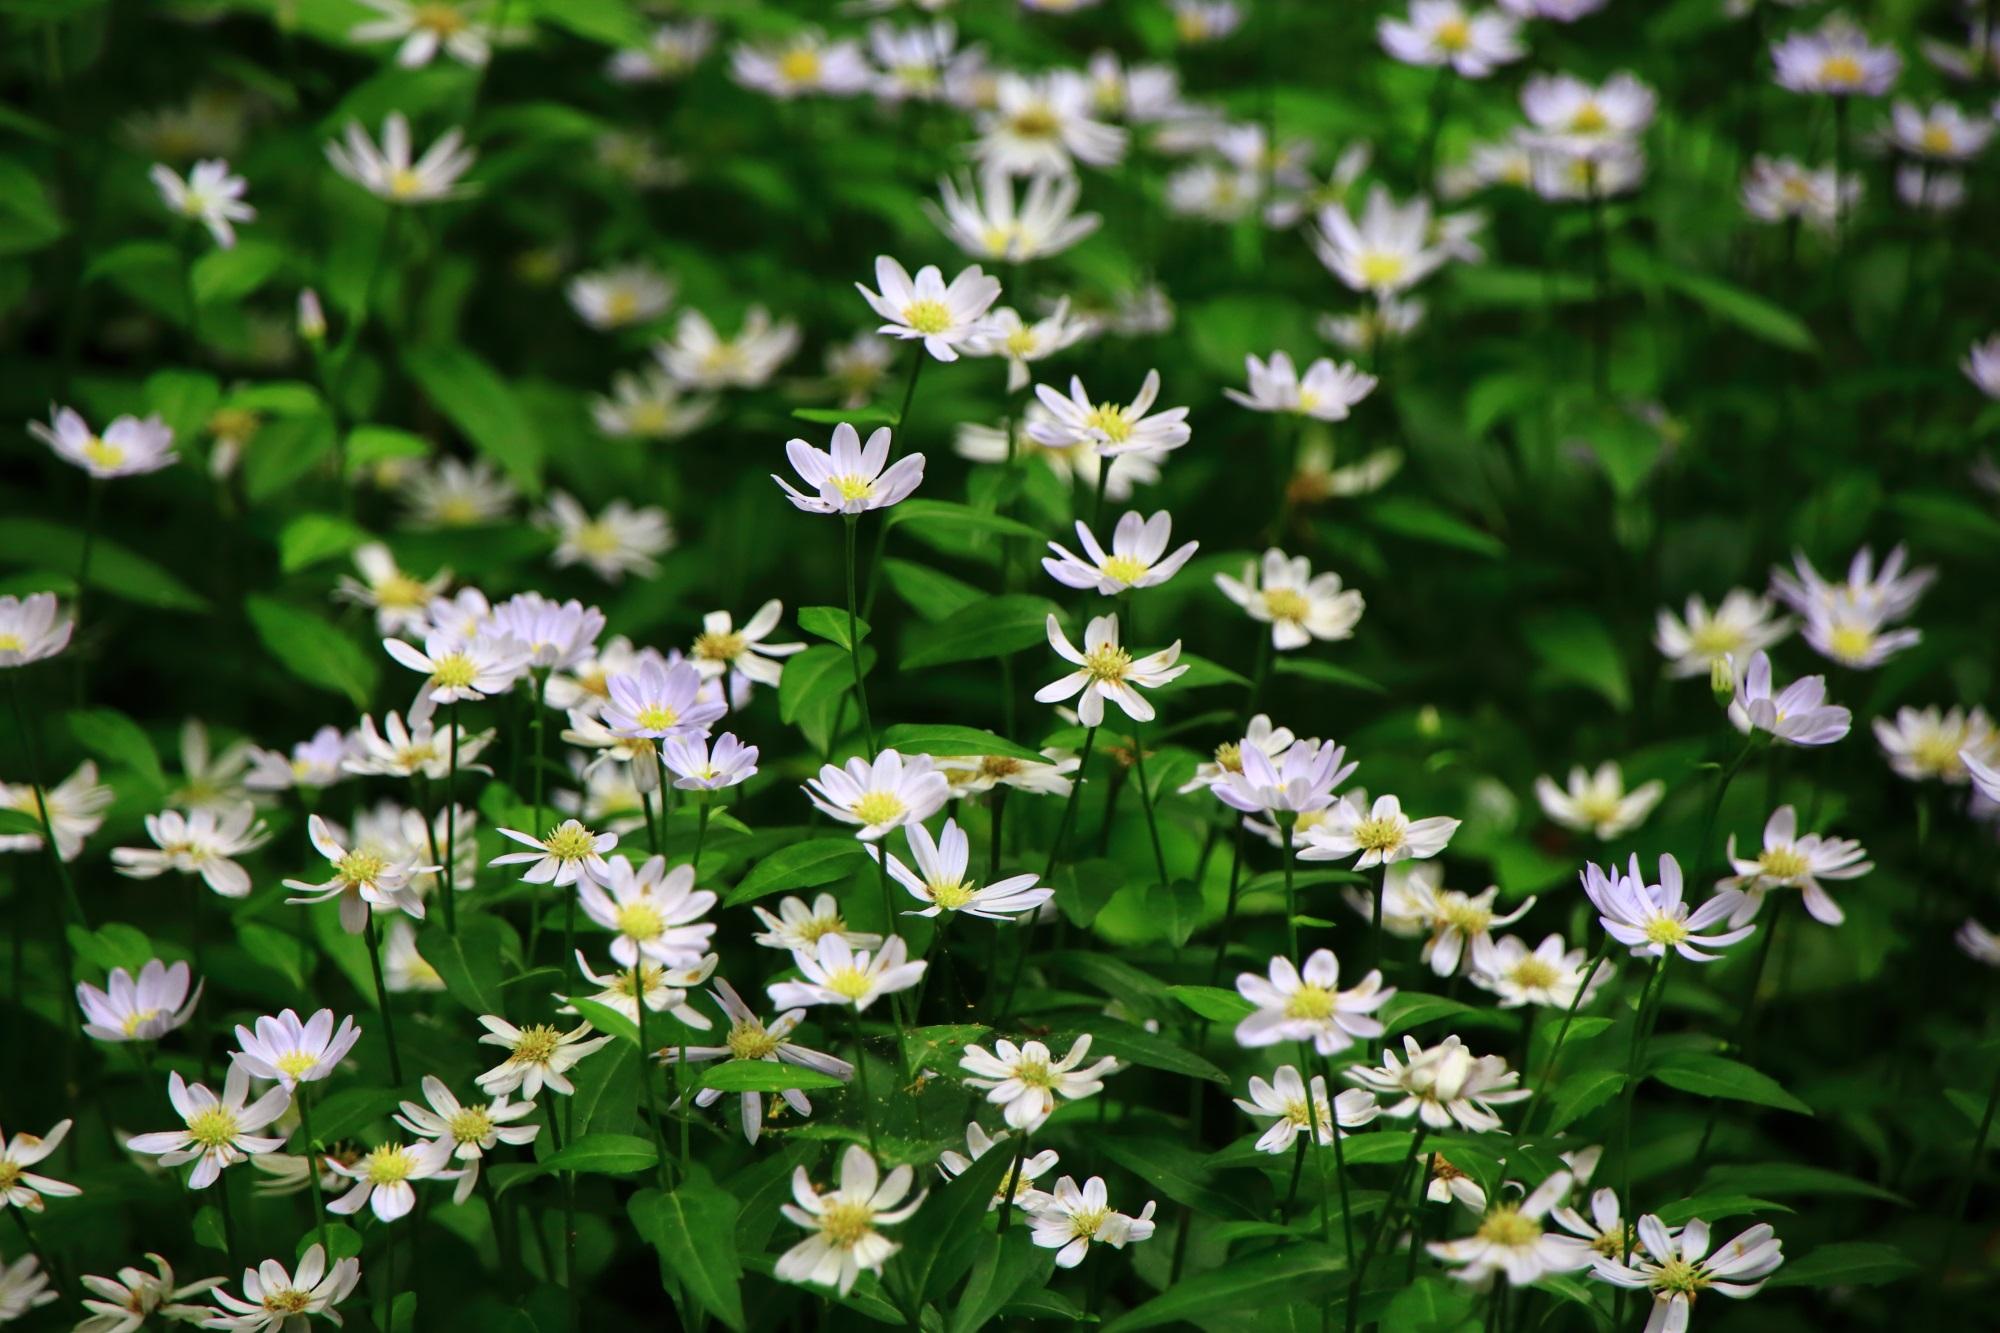 蓮華寺の参道の白い華やかな花